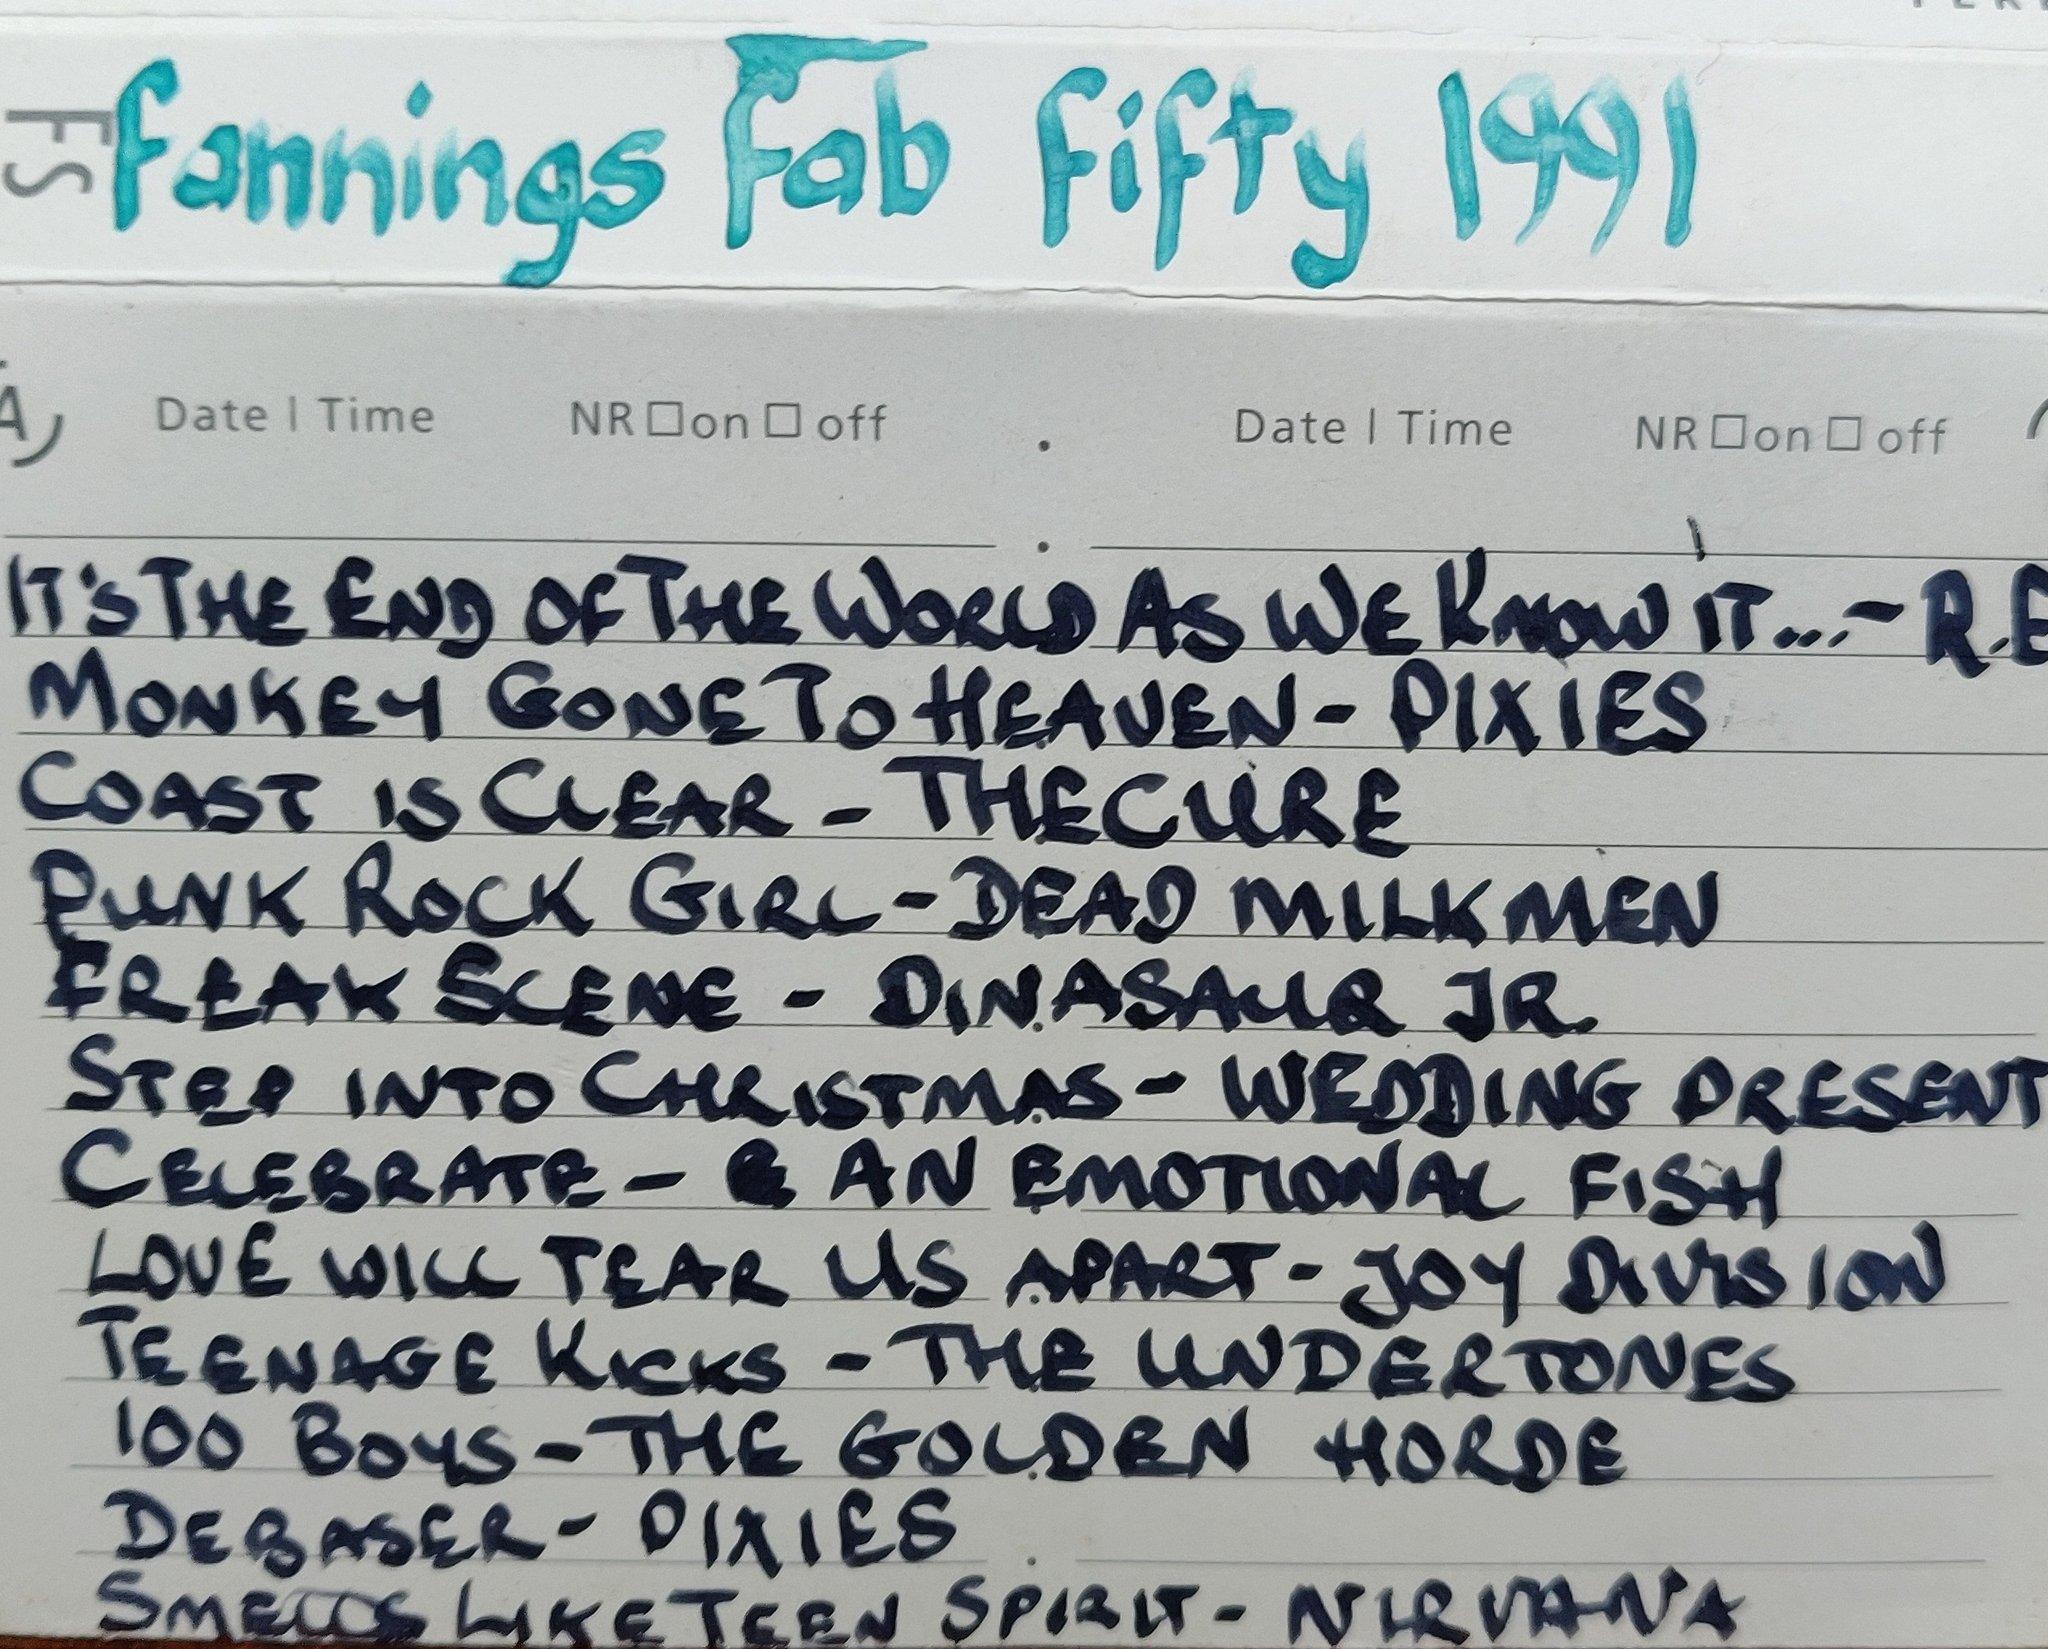 fanningsfabfifty91b